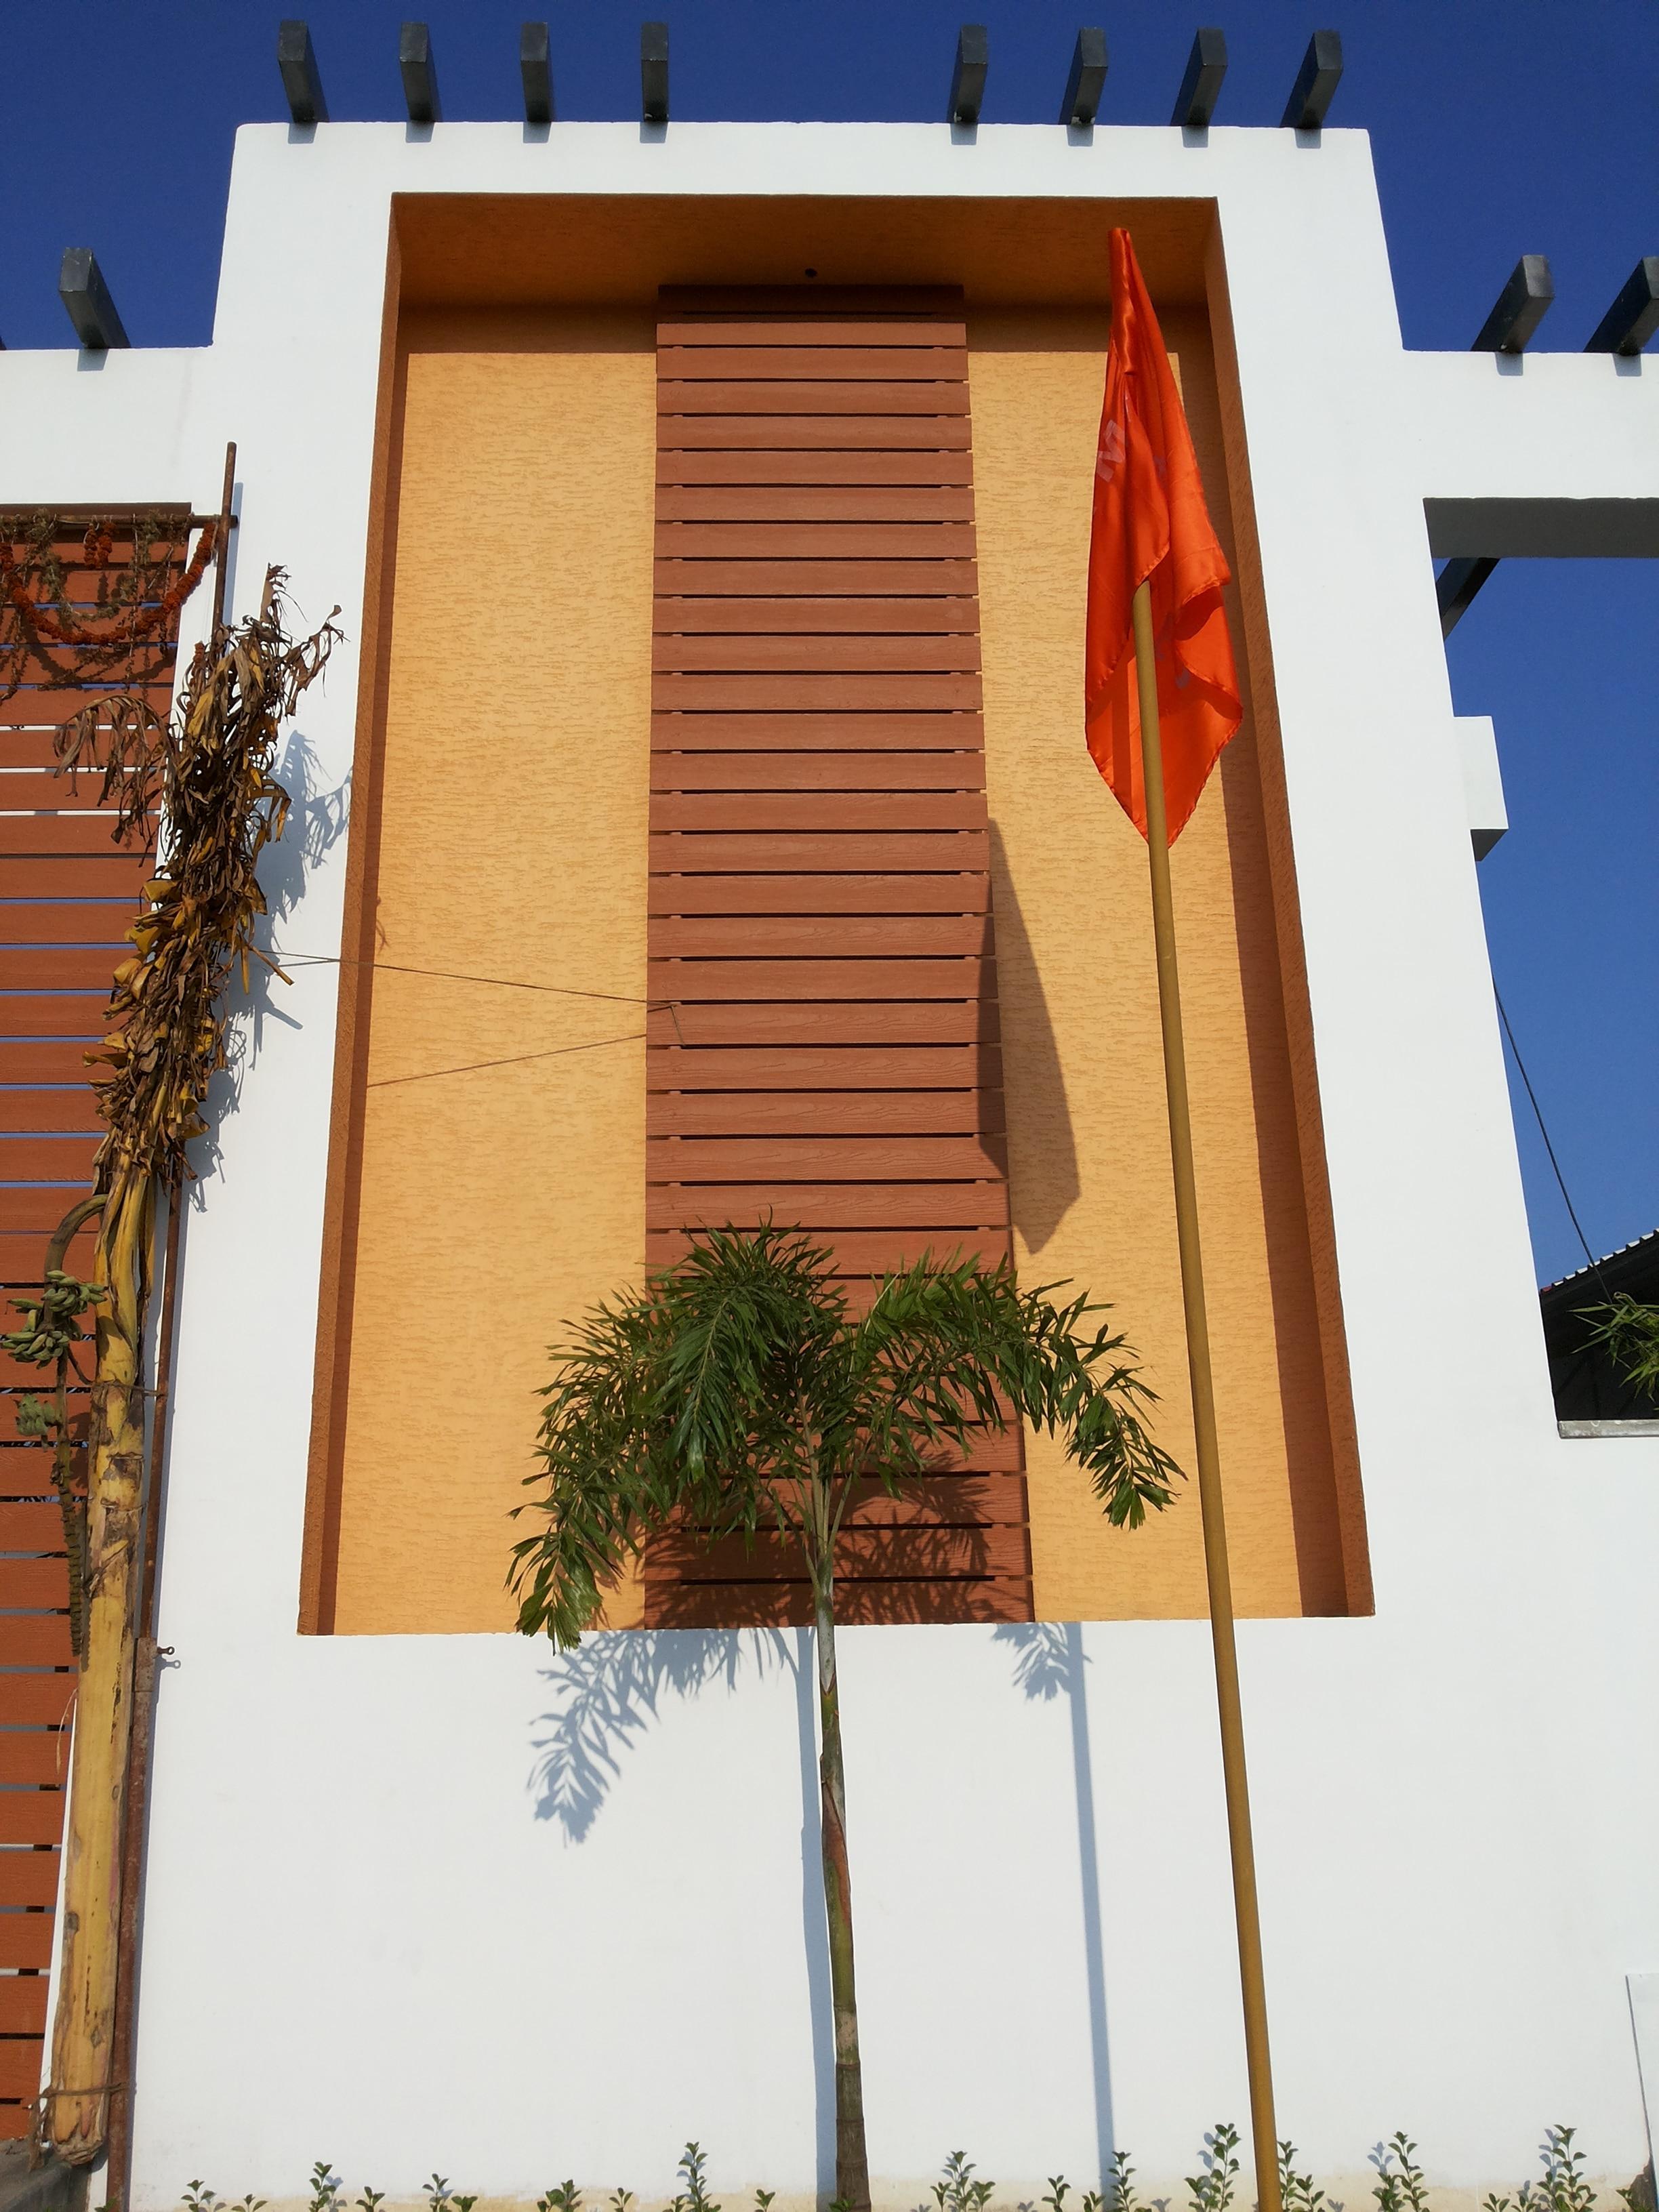 daiku exteriors